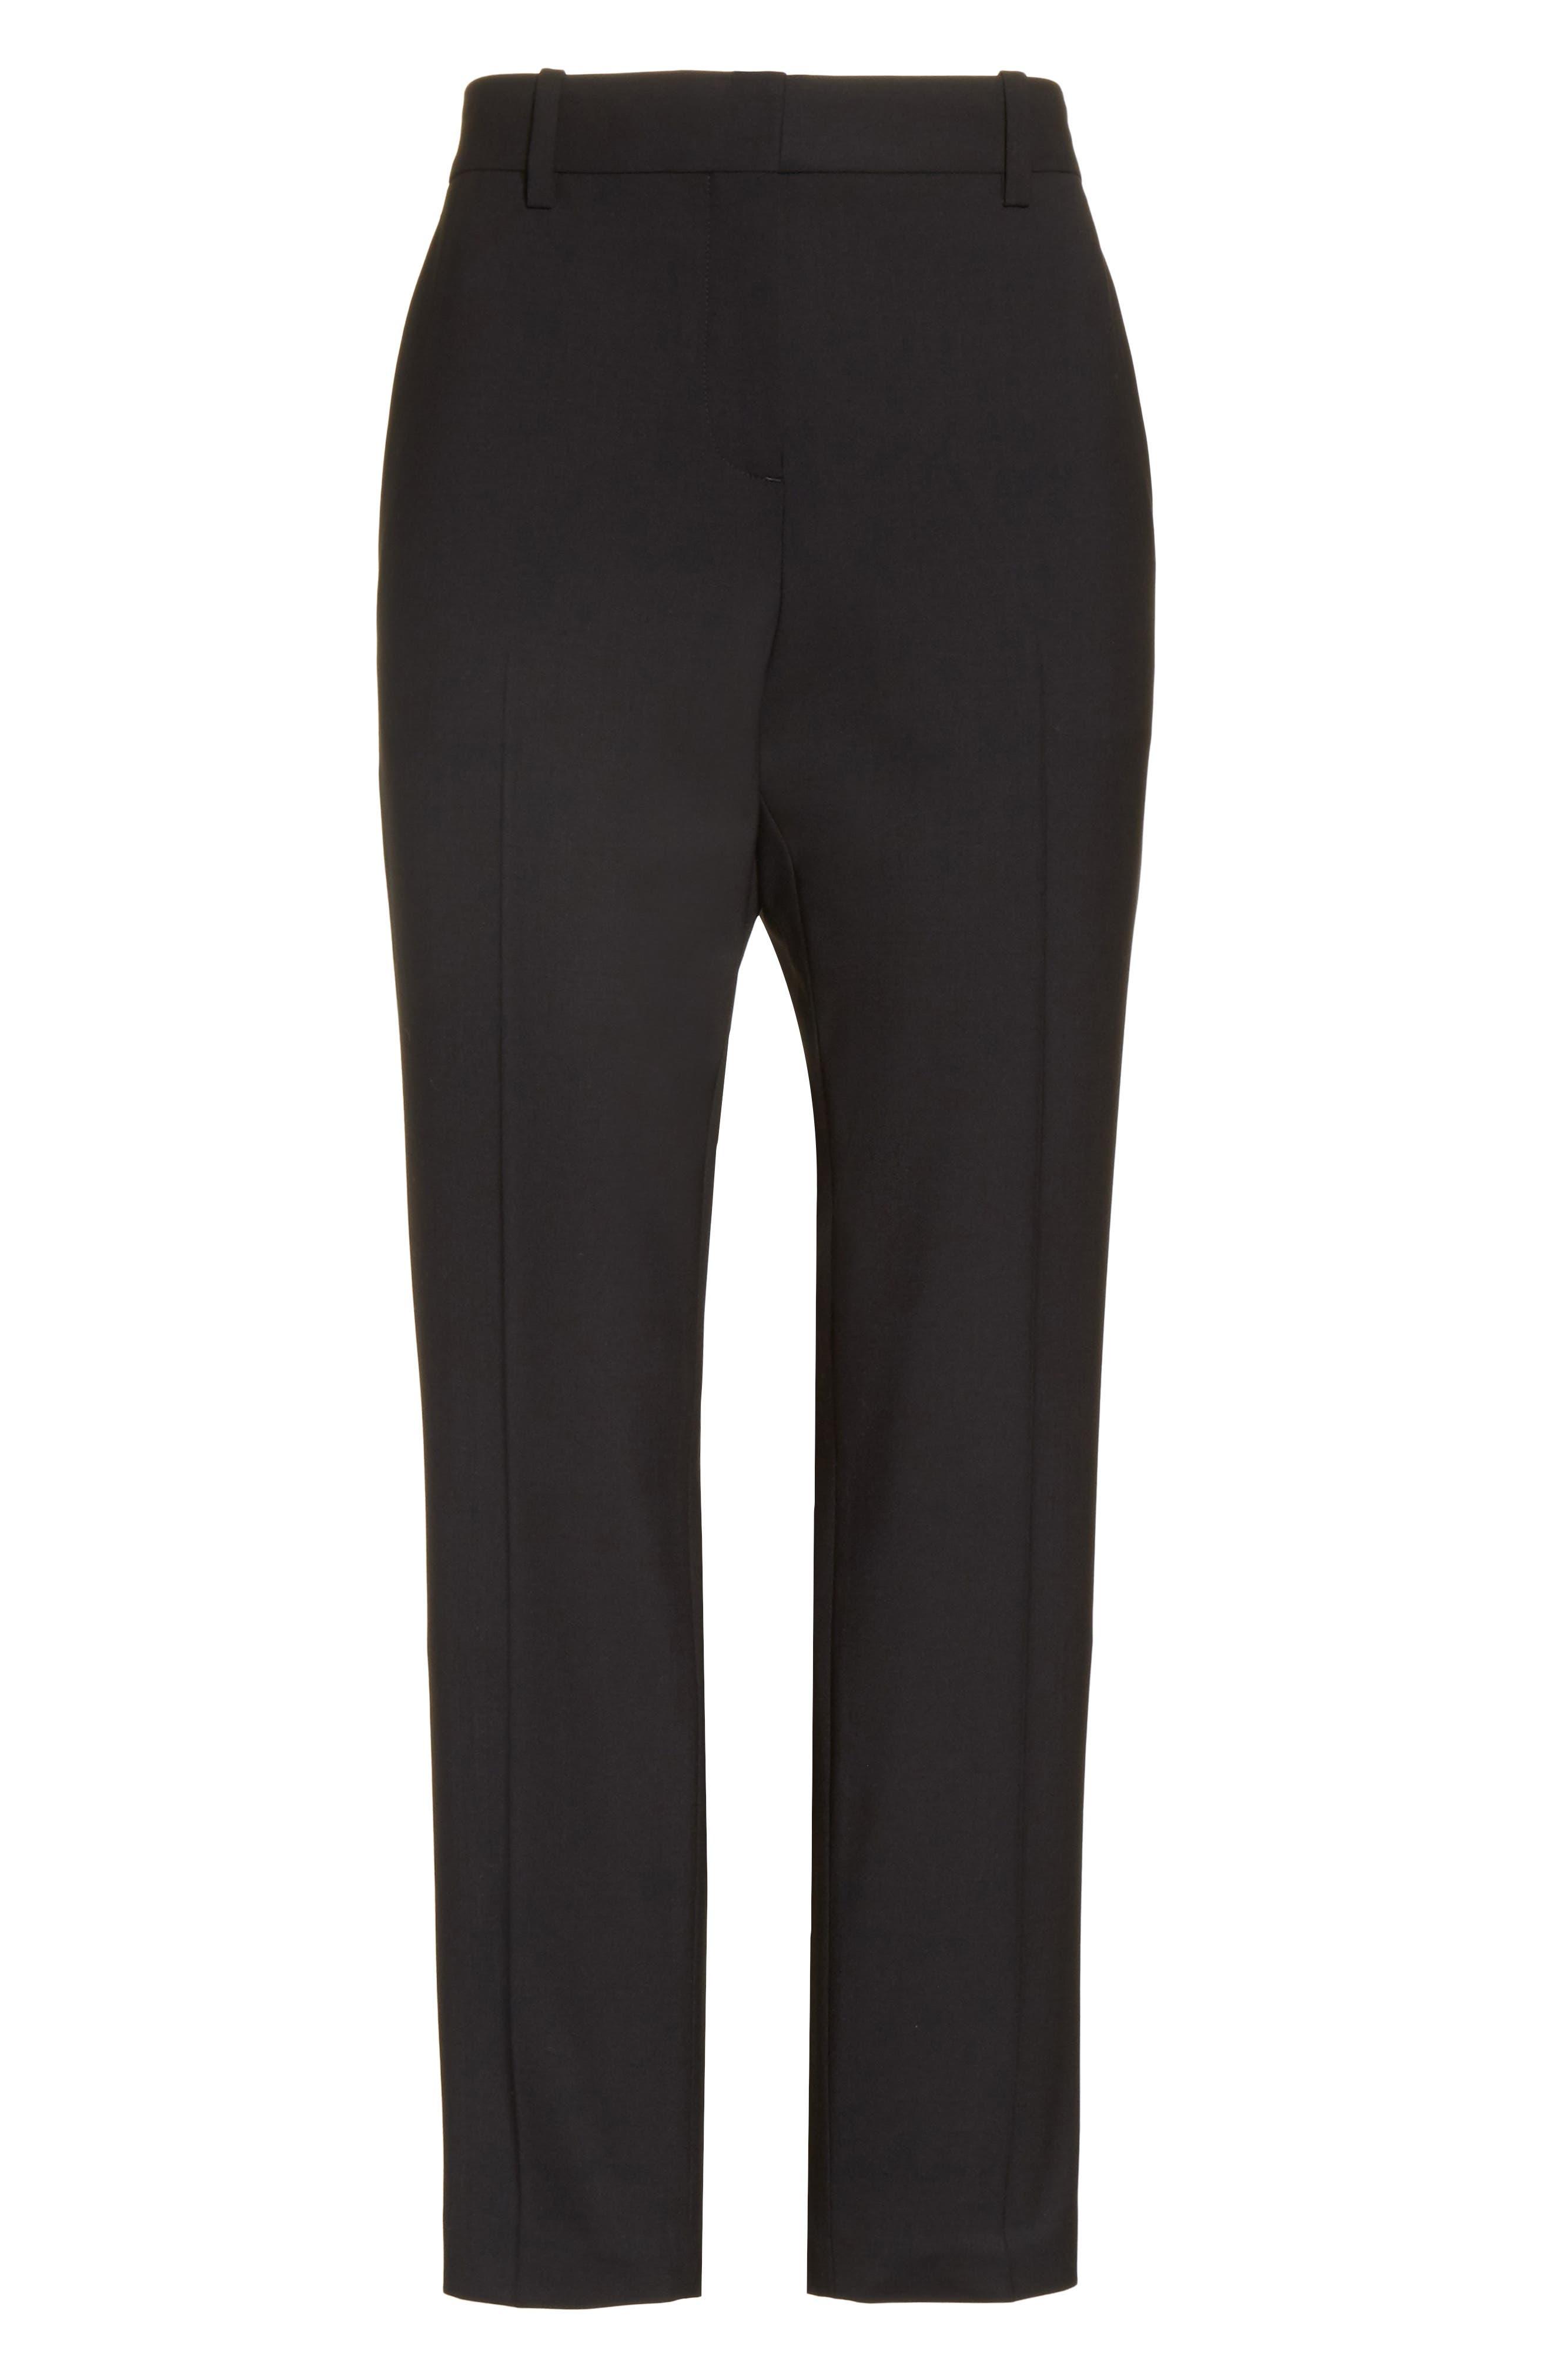 Treeca 2 Good Wool Crop Suit Pants,                             Alternate thumbnail 7, color,                             BLACK